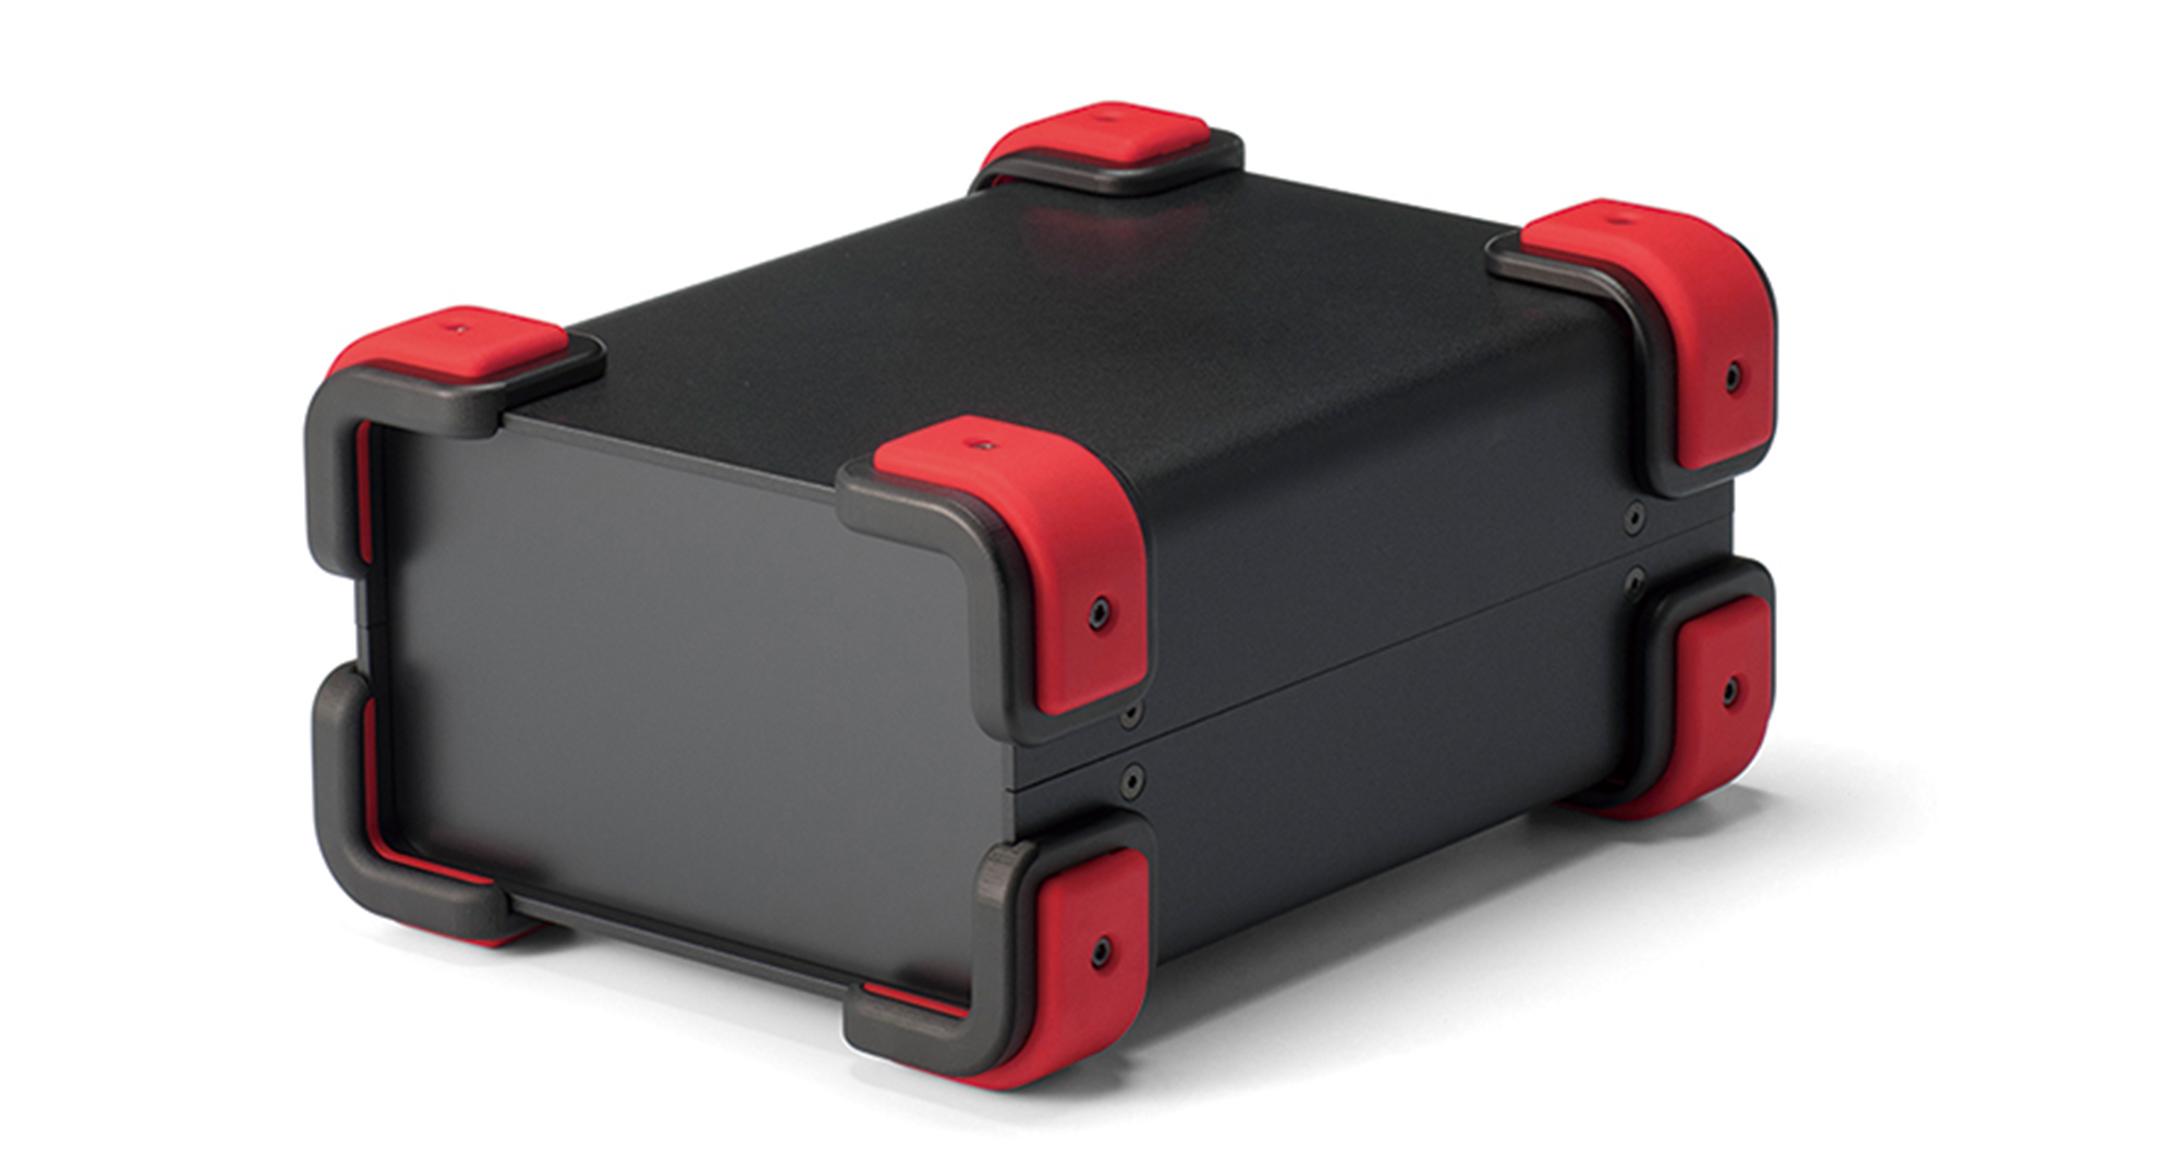 コーナーガード付フリーサイズケース UCGSシリーズ:ブラック/レッドの画像